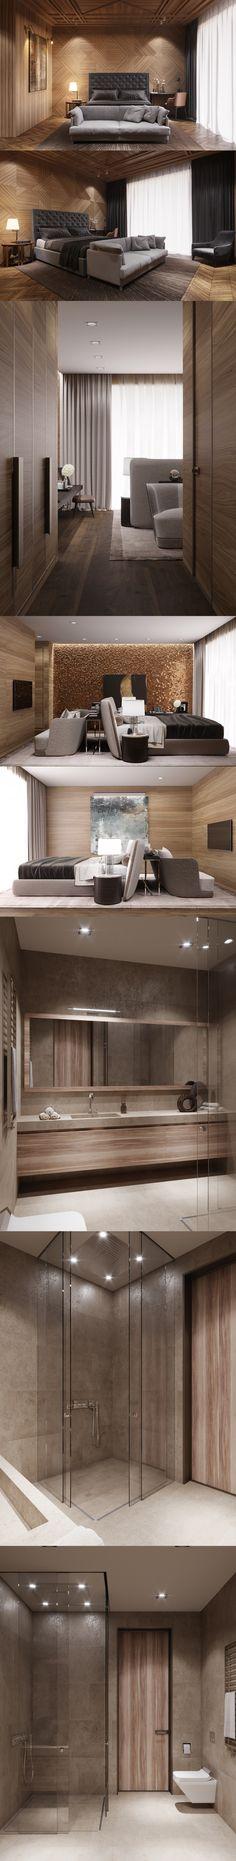 Визуализация гостиничных номеров - Галерея 3ddd.ru